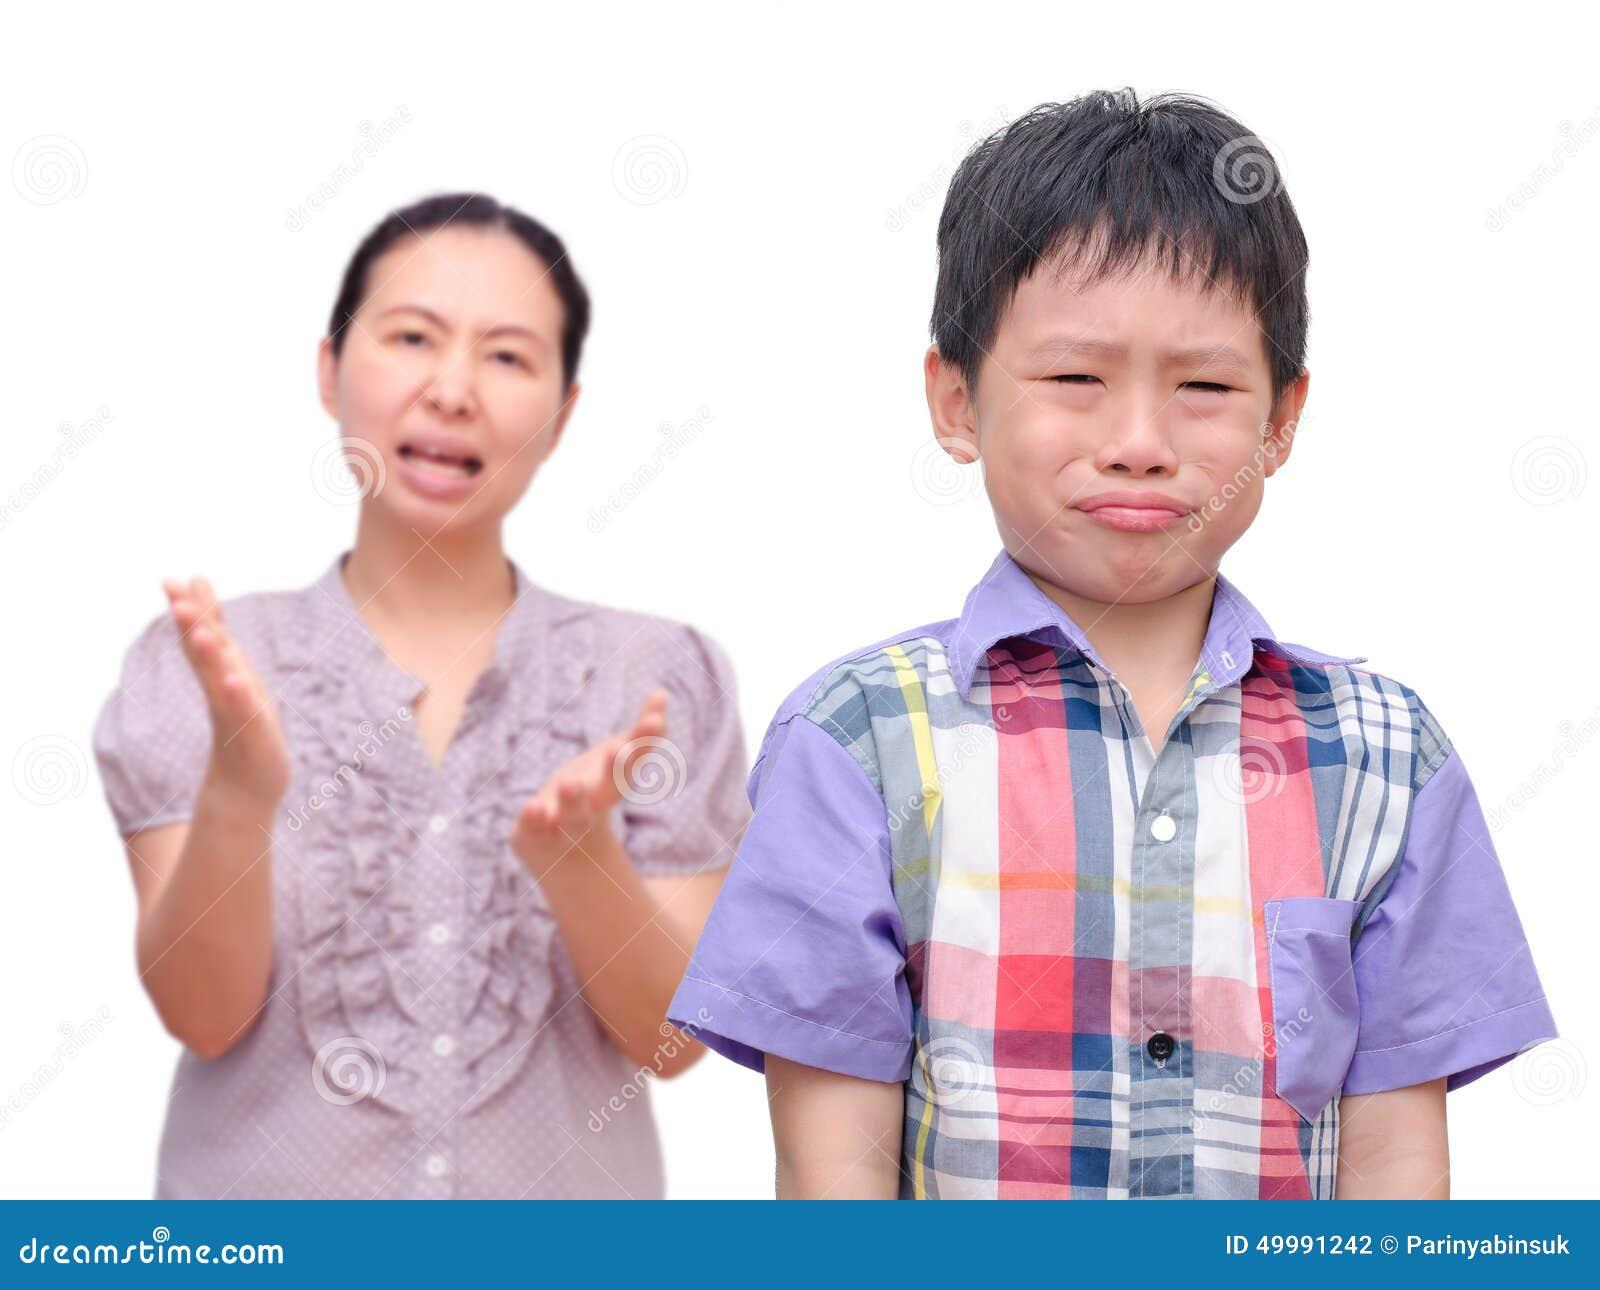 Αγόρι που επιπλήττεται από τη μητέρα του